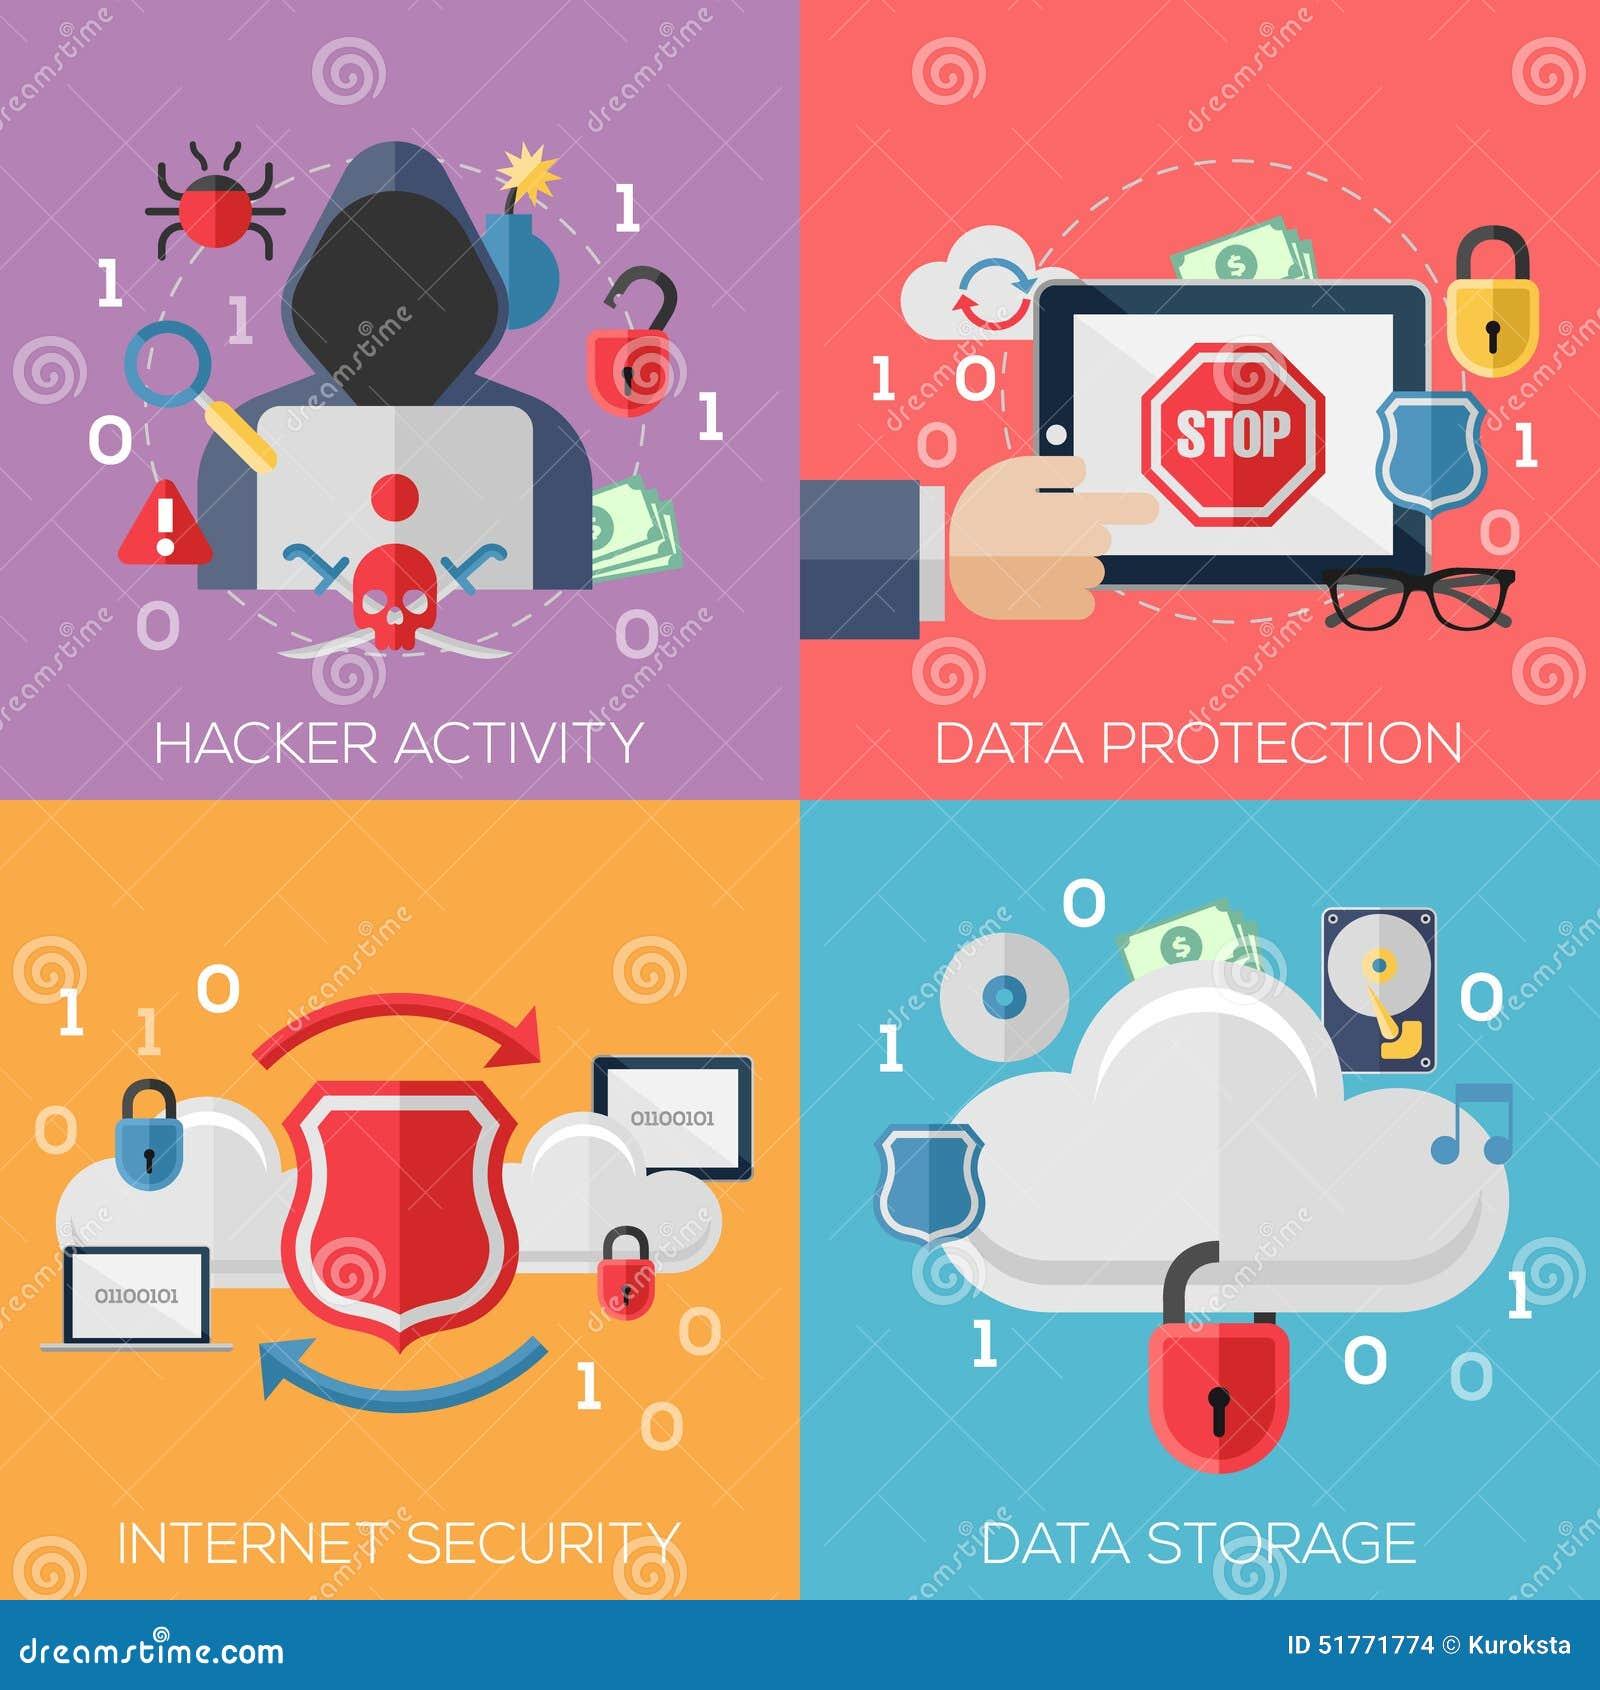 Plana designbegrepp för en hackeraktivitet, data